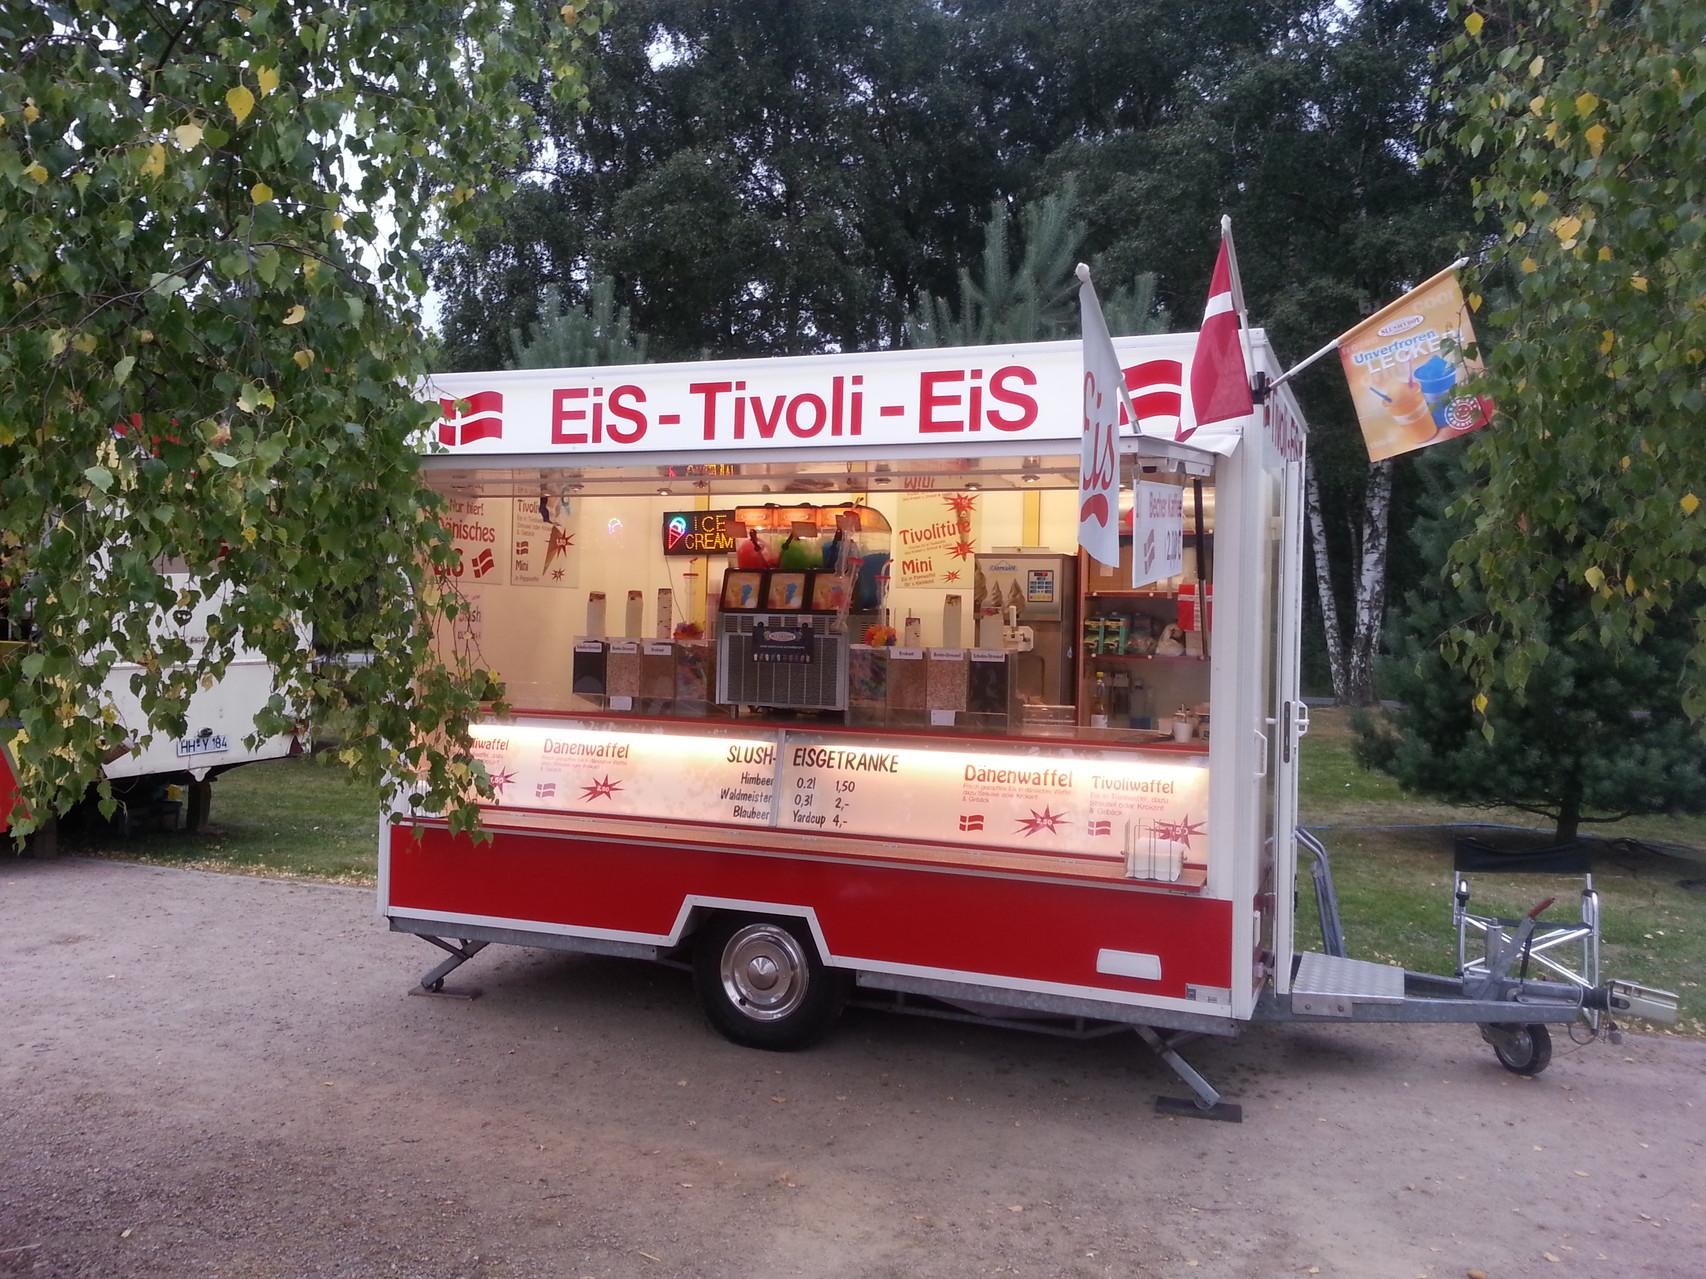 Tivoli 10 beim Drachenfest in Norderstedt